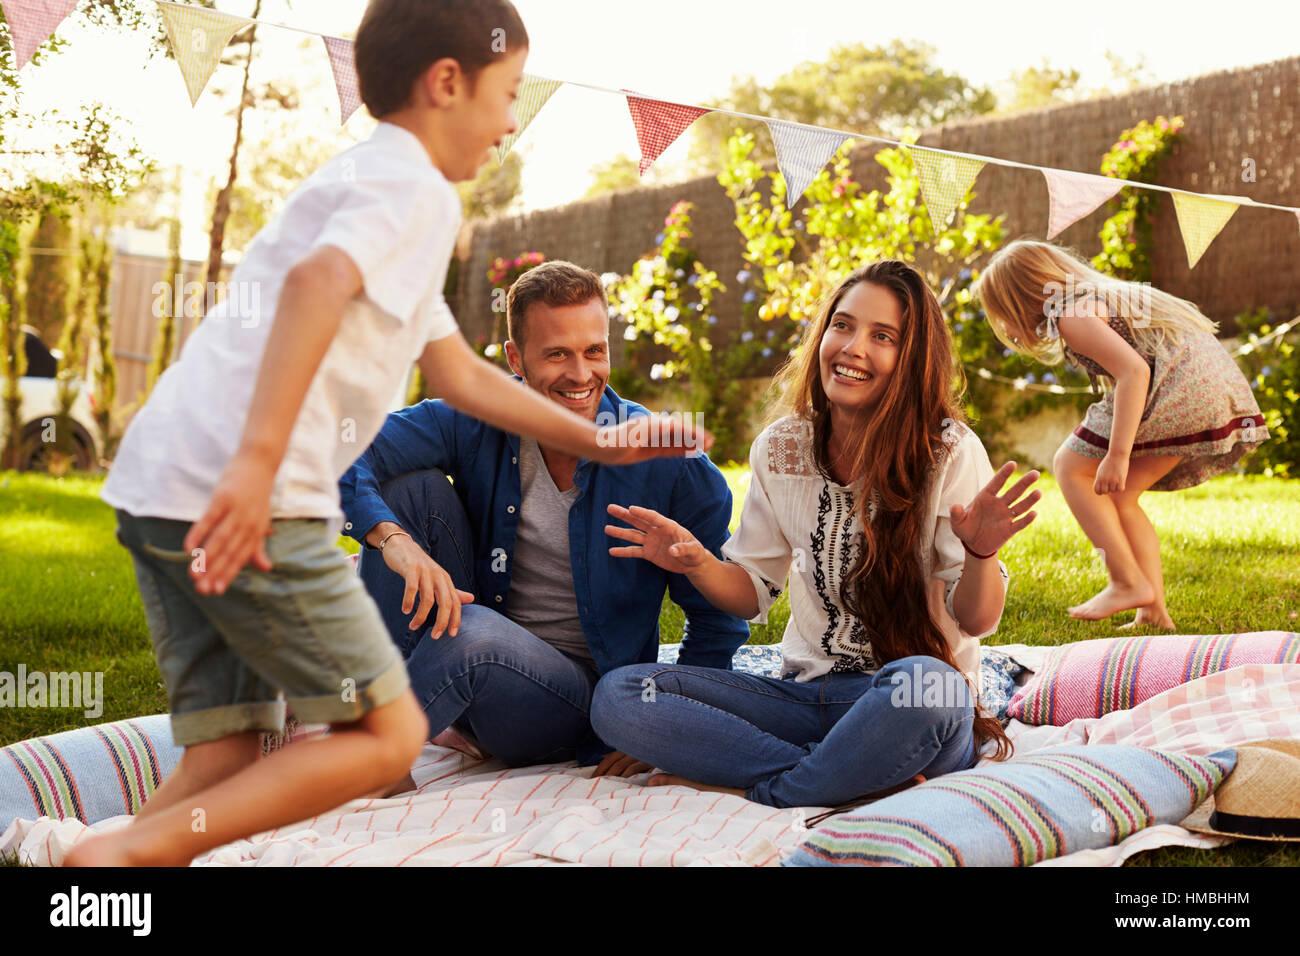 Eltern spielen mit Kindern auf Decke im Garten Stockbild